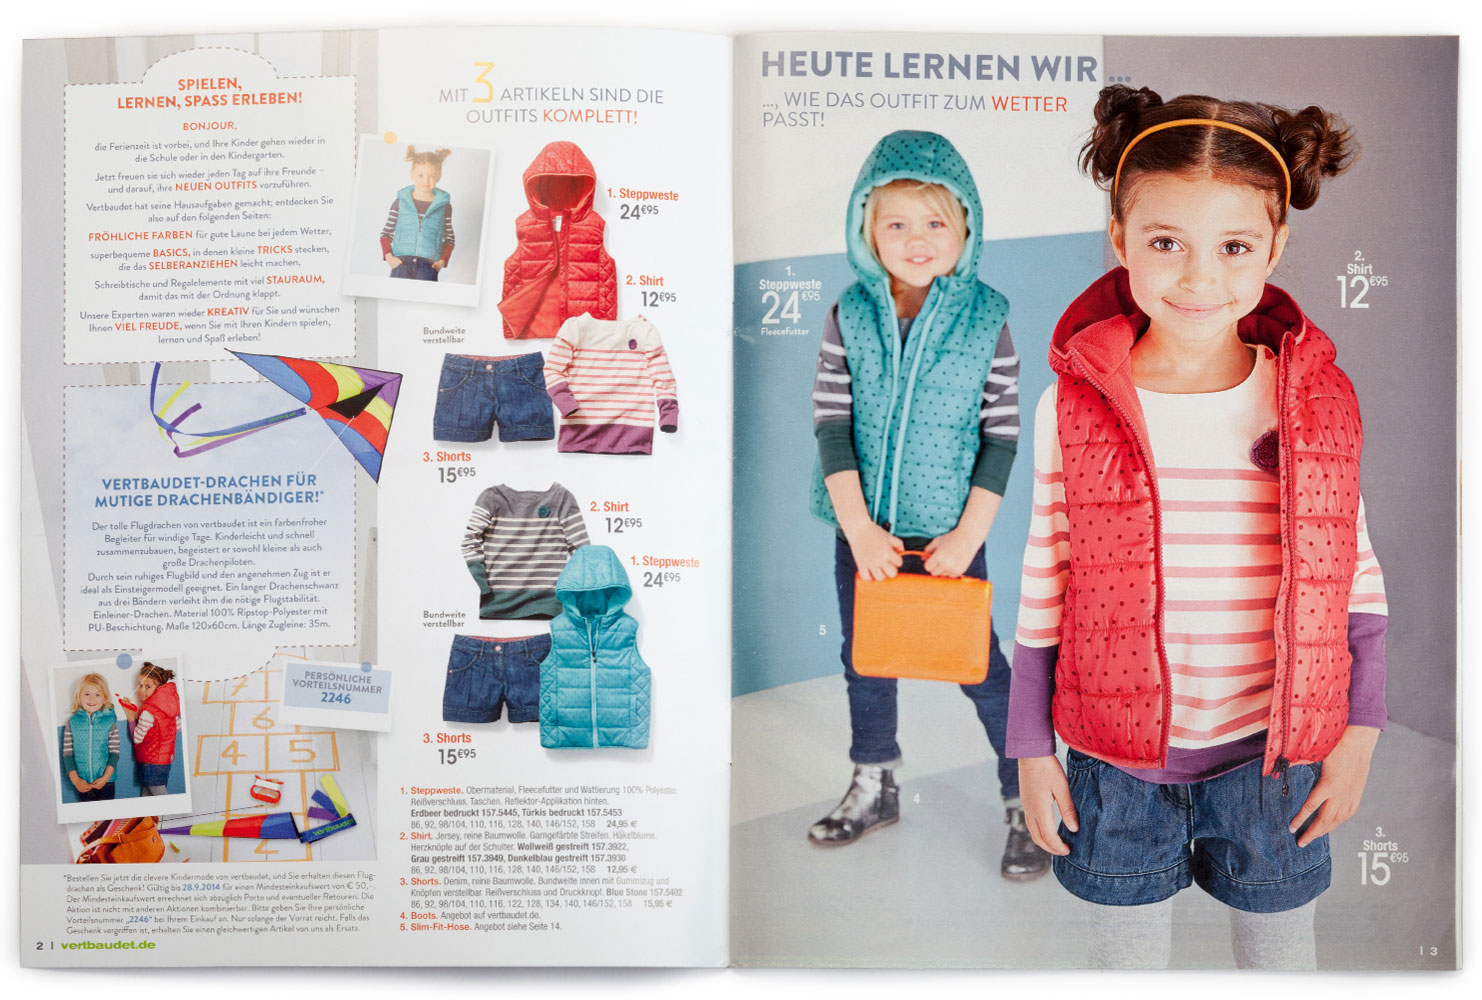 18e1424481a269 Vertbaudet Katalog Kleidung Wiesemann Translations